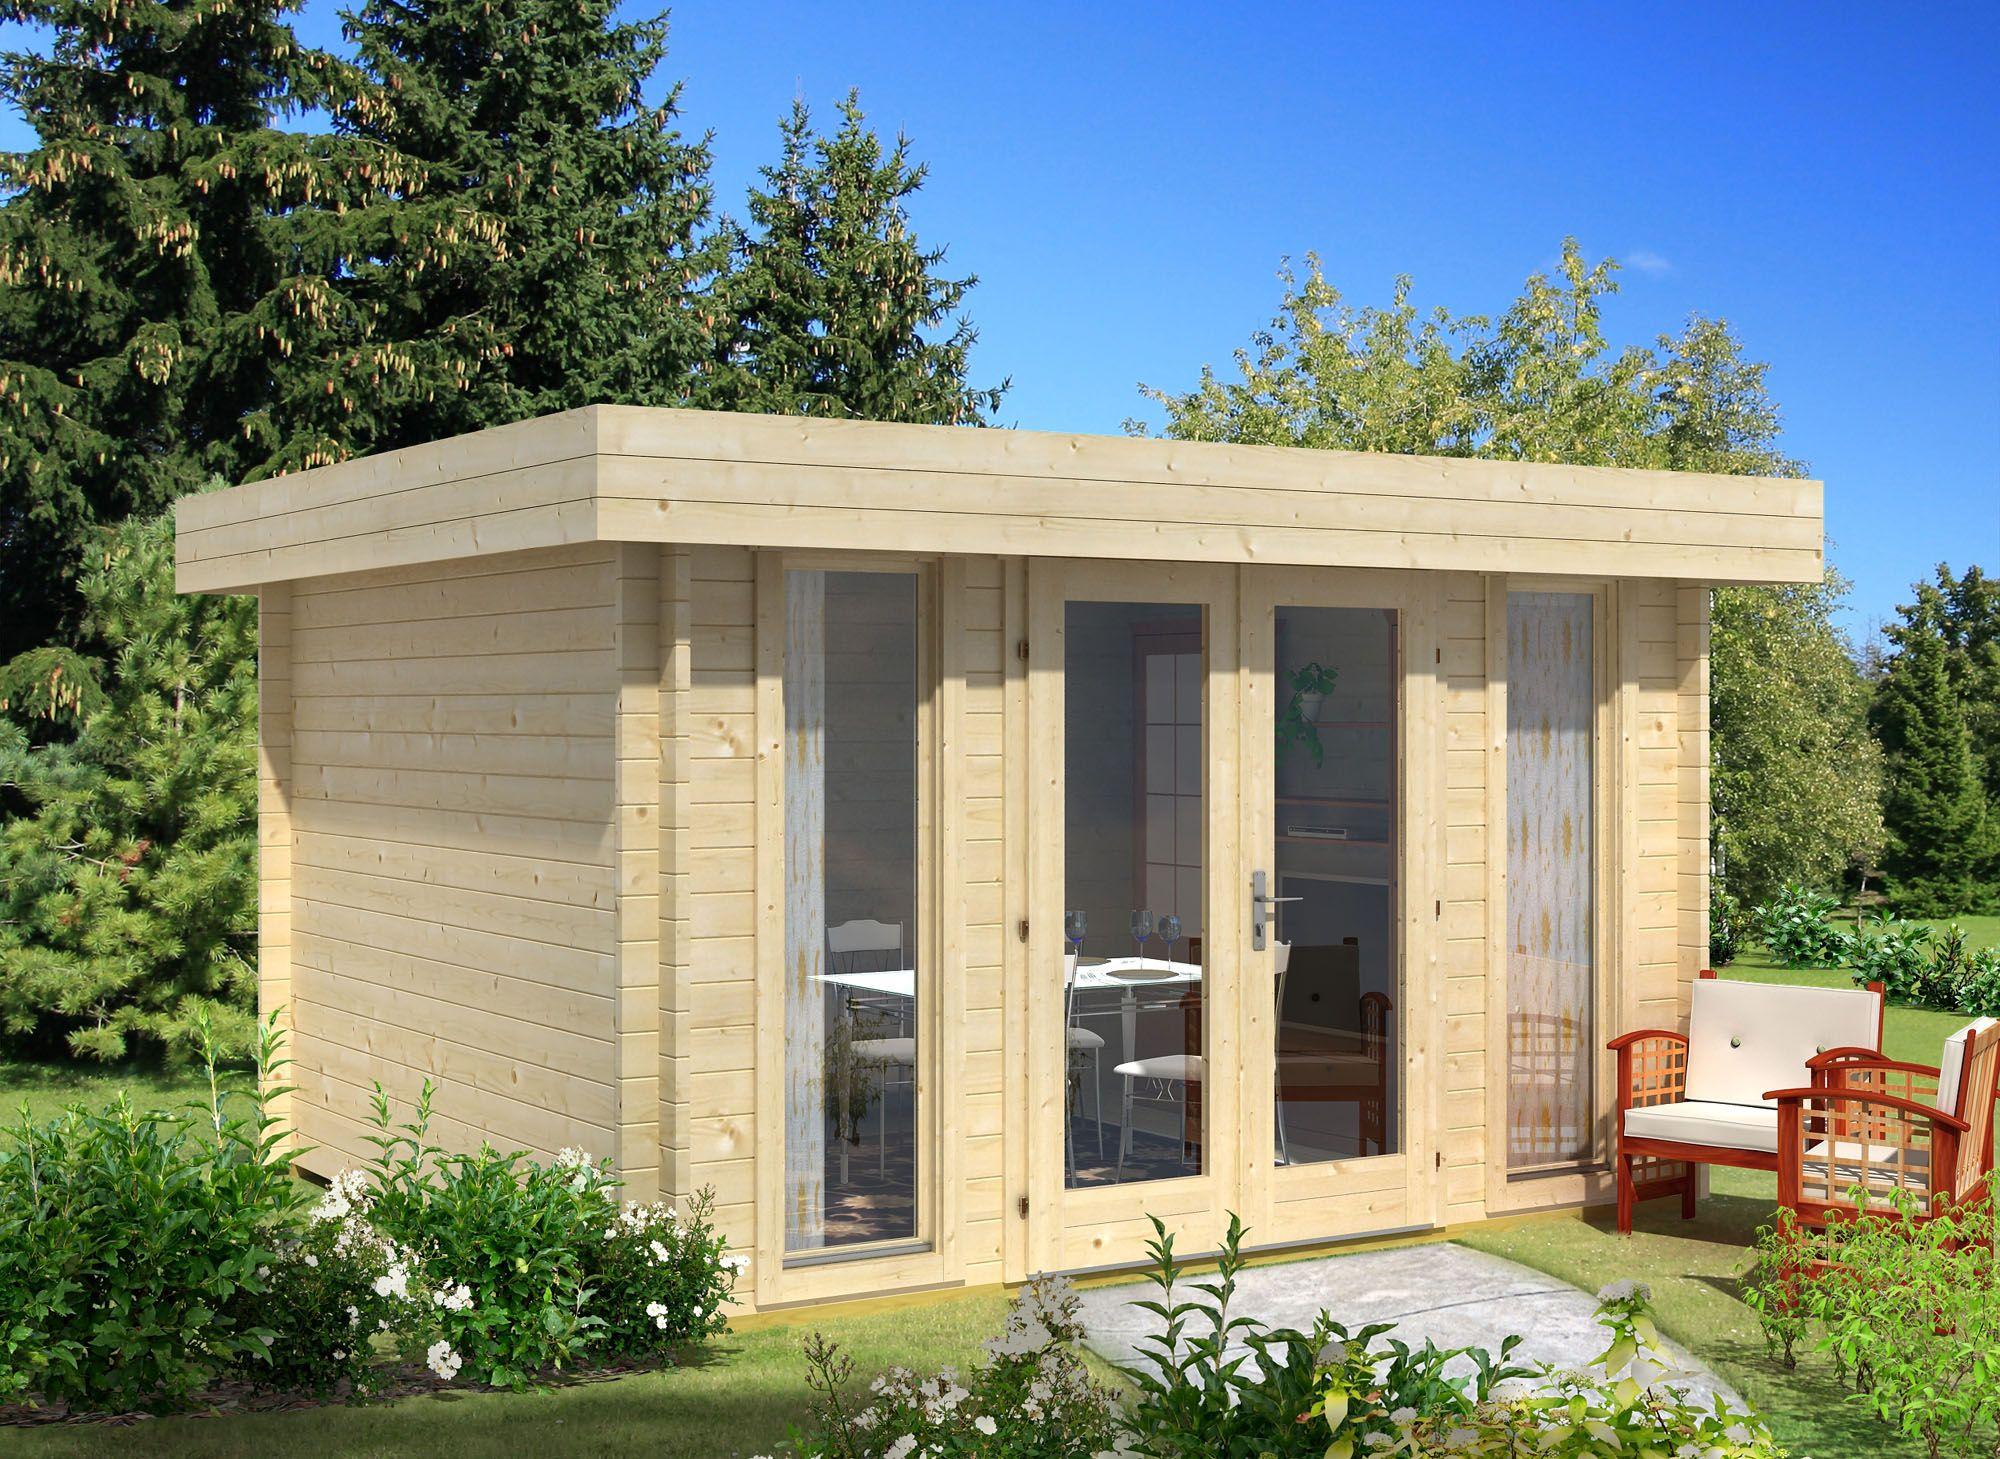 Die Gartenhaus Gmbh Ist Ihr Gunstiger Onlineshop Fur Haus Und Garten Gartenhaus Sauna Carport Co 0 Flachdach Gartenhaus Gartenhaus Modern Gartenhaus